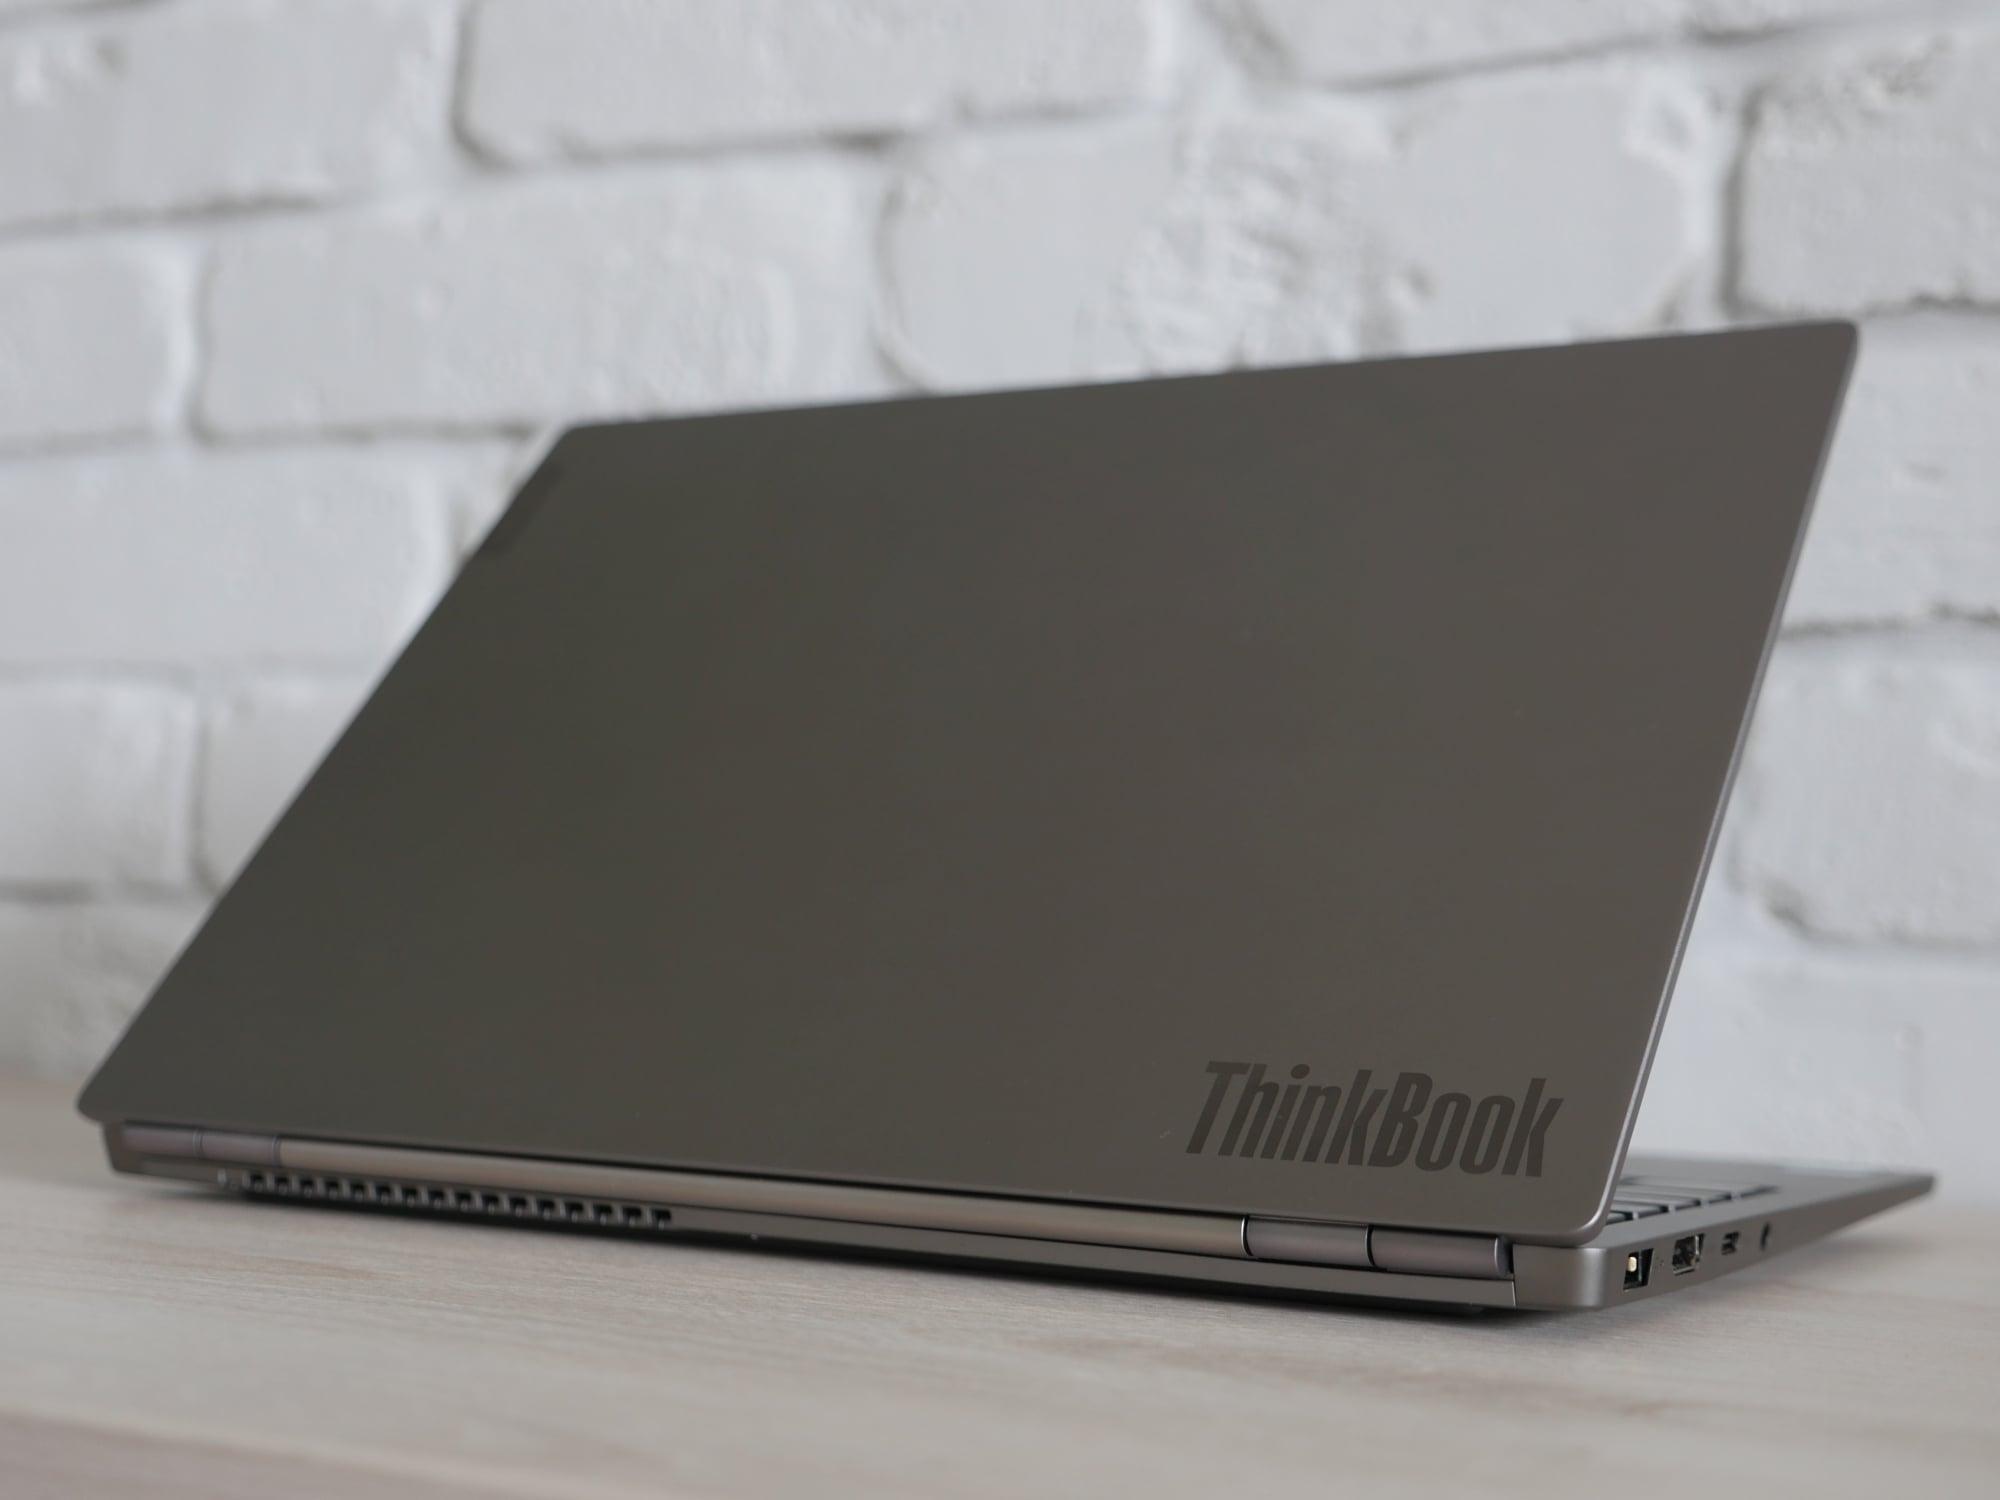 Recenzja ciekawego laptopa za niezłe pieniądze - Lenovo ThinkBook 13s 18